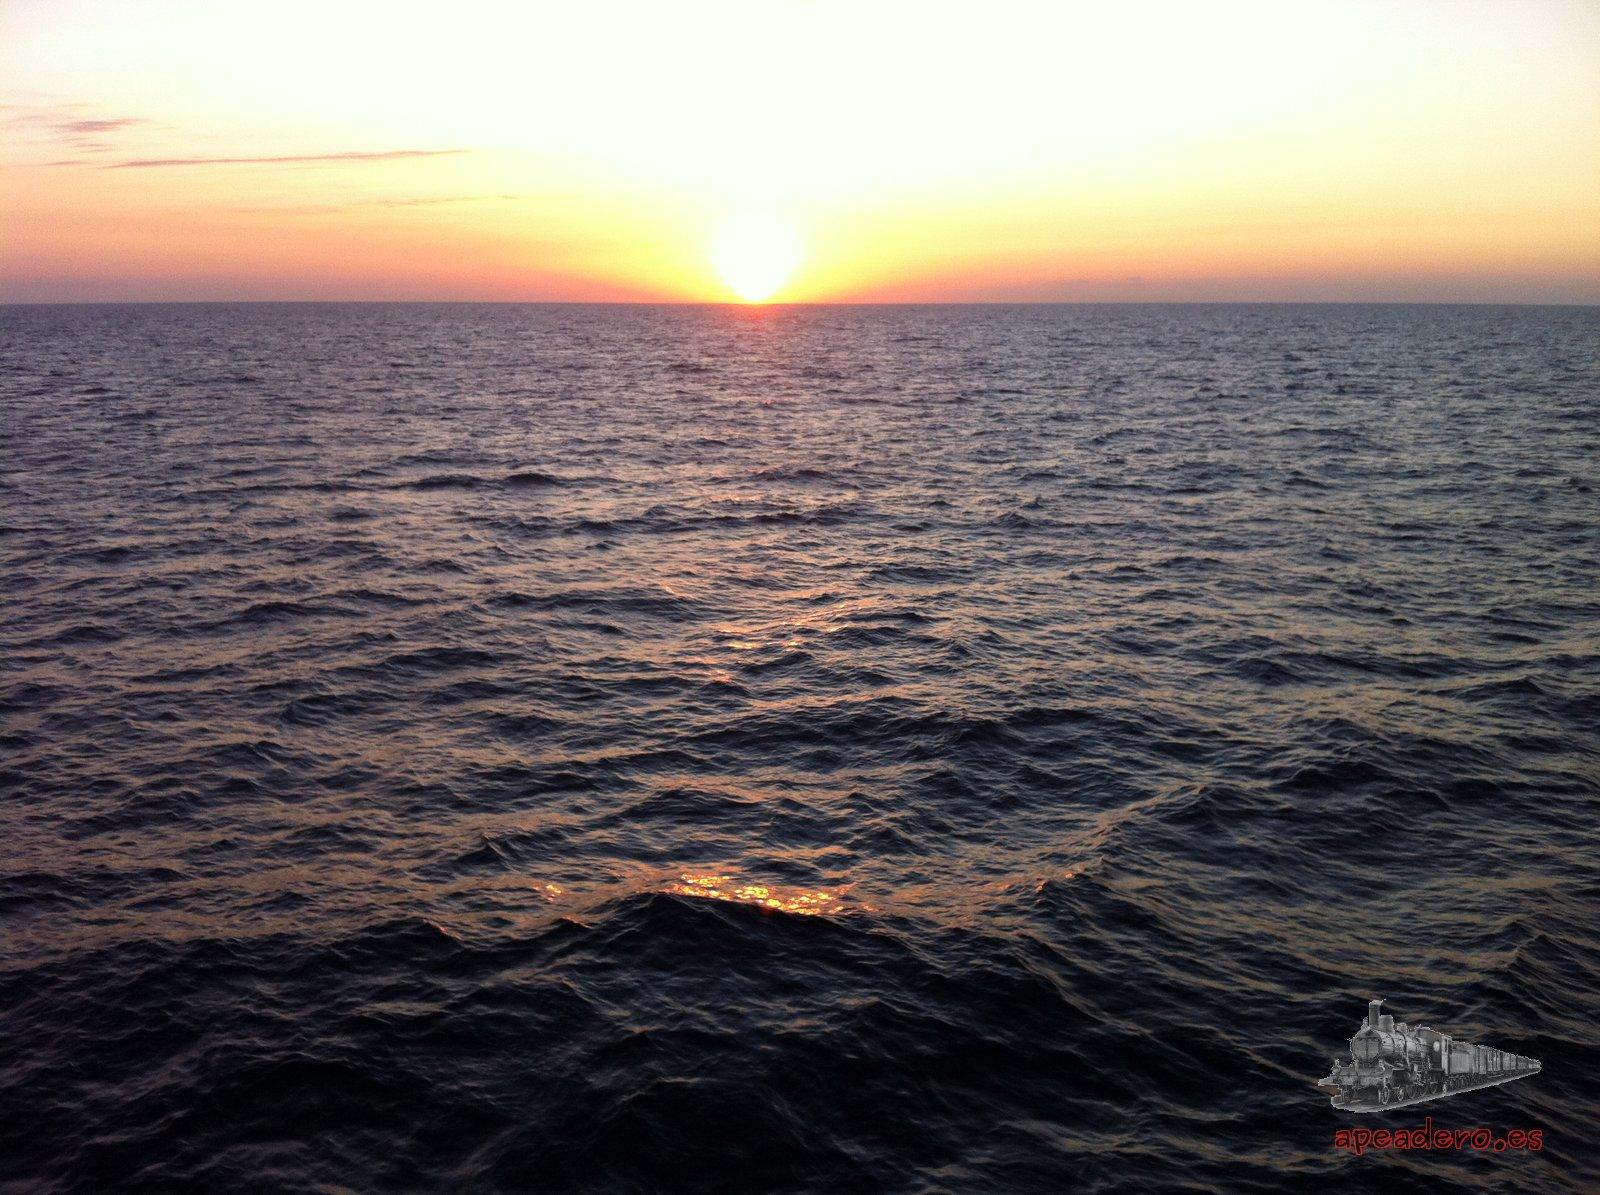 Ver un atardecer cayendo sobre el mar de Flores vale mucho la pena, máxime cuando el mar está tan tranquilo.